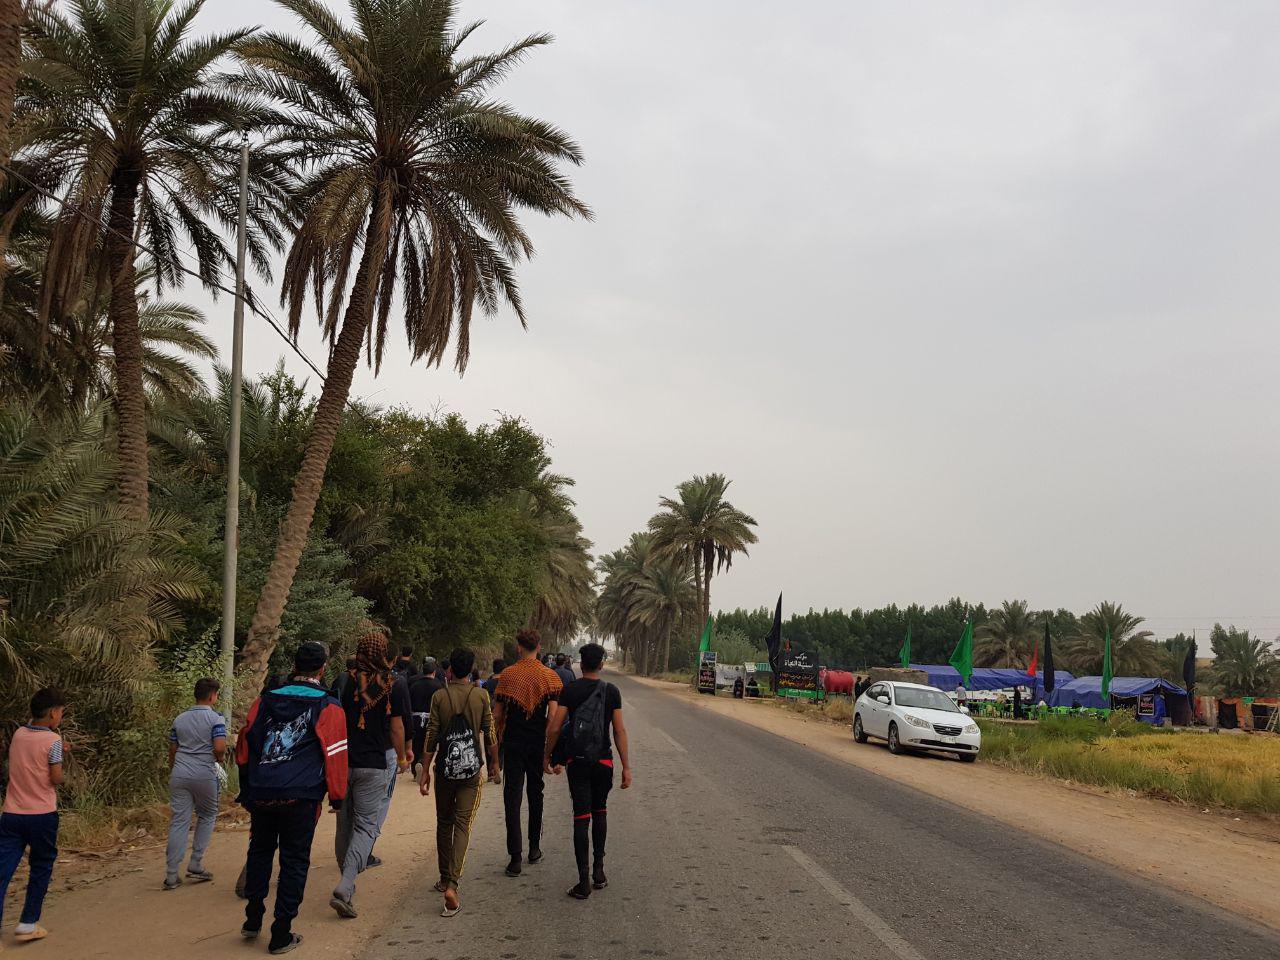 تصویر گزارش تصویری ـ مسیرهای فرعی پیاده روی زوار اربعین حسینی در اطراف حله